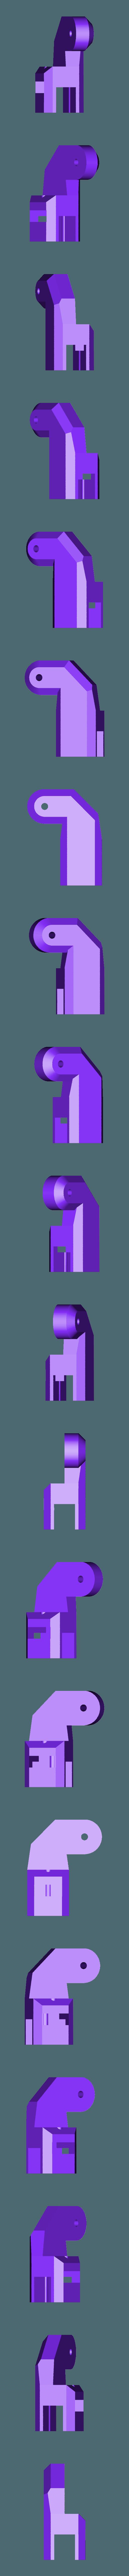 light_mount_part_1_2.stl Télécharger fichier STL gratuit Kit de supports, de pinces et d'équipement • Modèle pour impression 3D, TinkersProjects